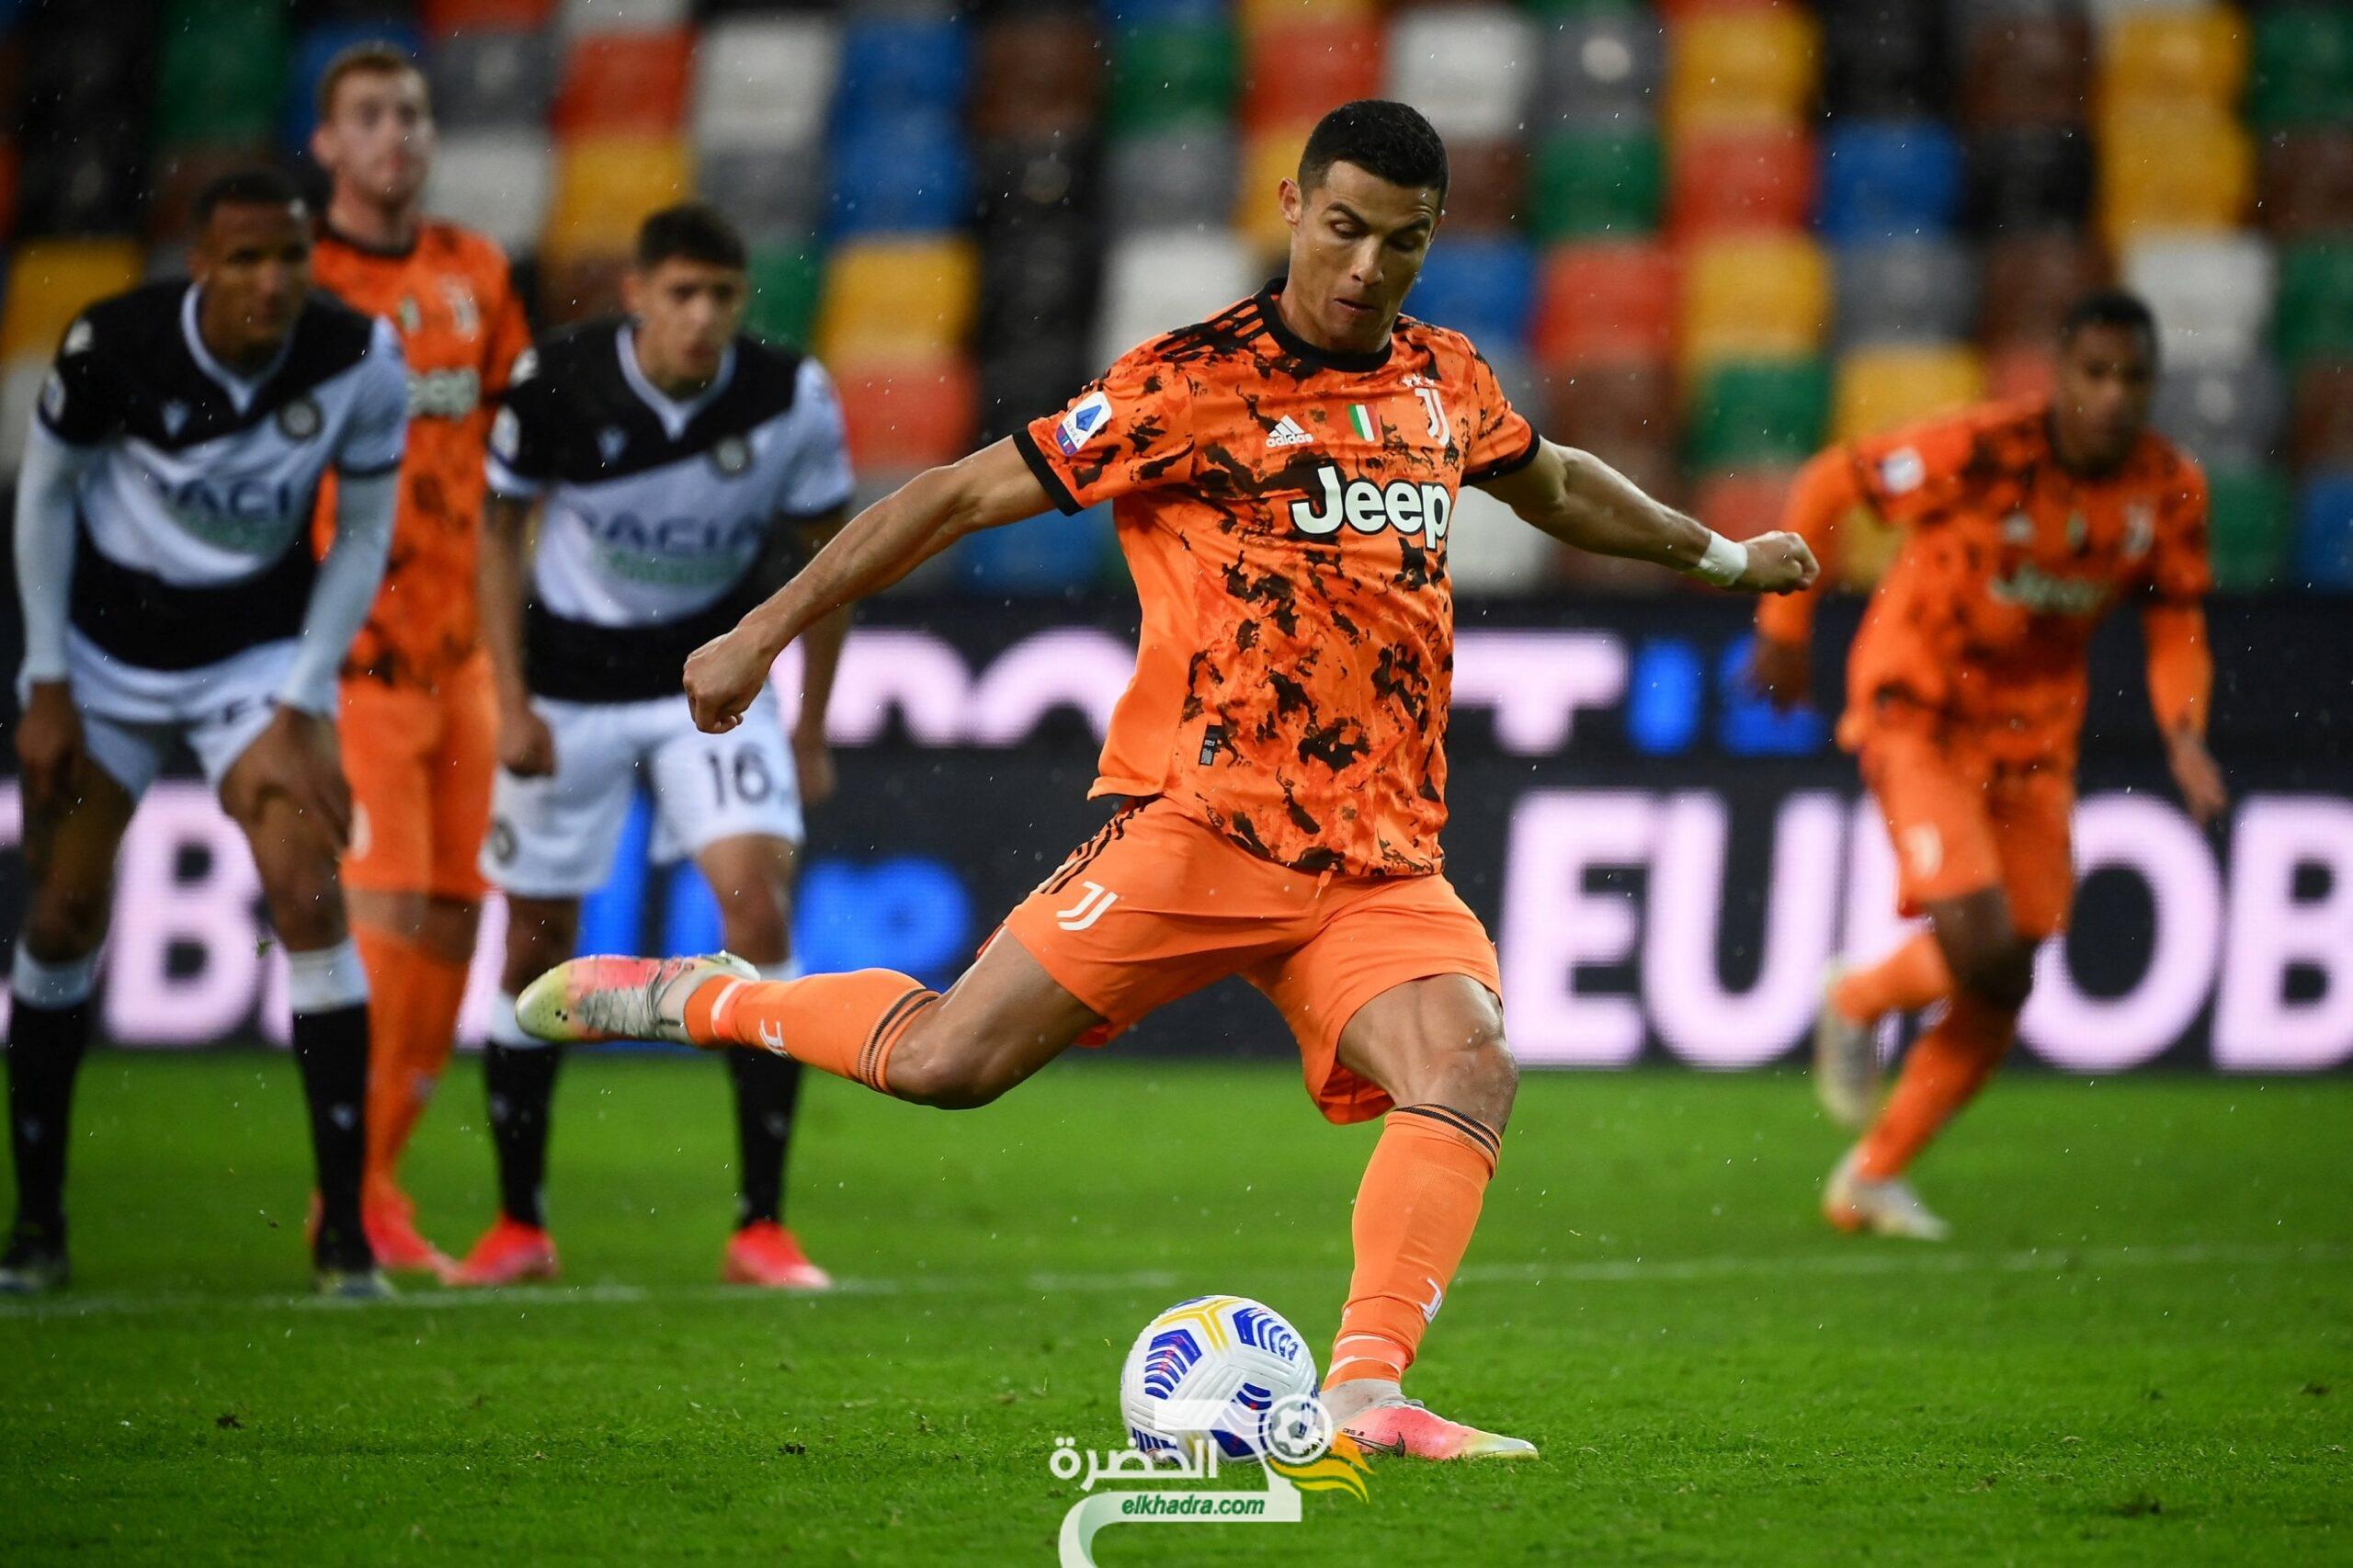 رونالدو يقود يوفنتوس إلى المركز الثالث في ترتيب الدوري الإيطالي 6